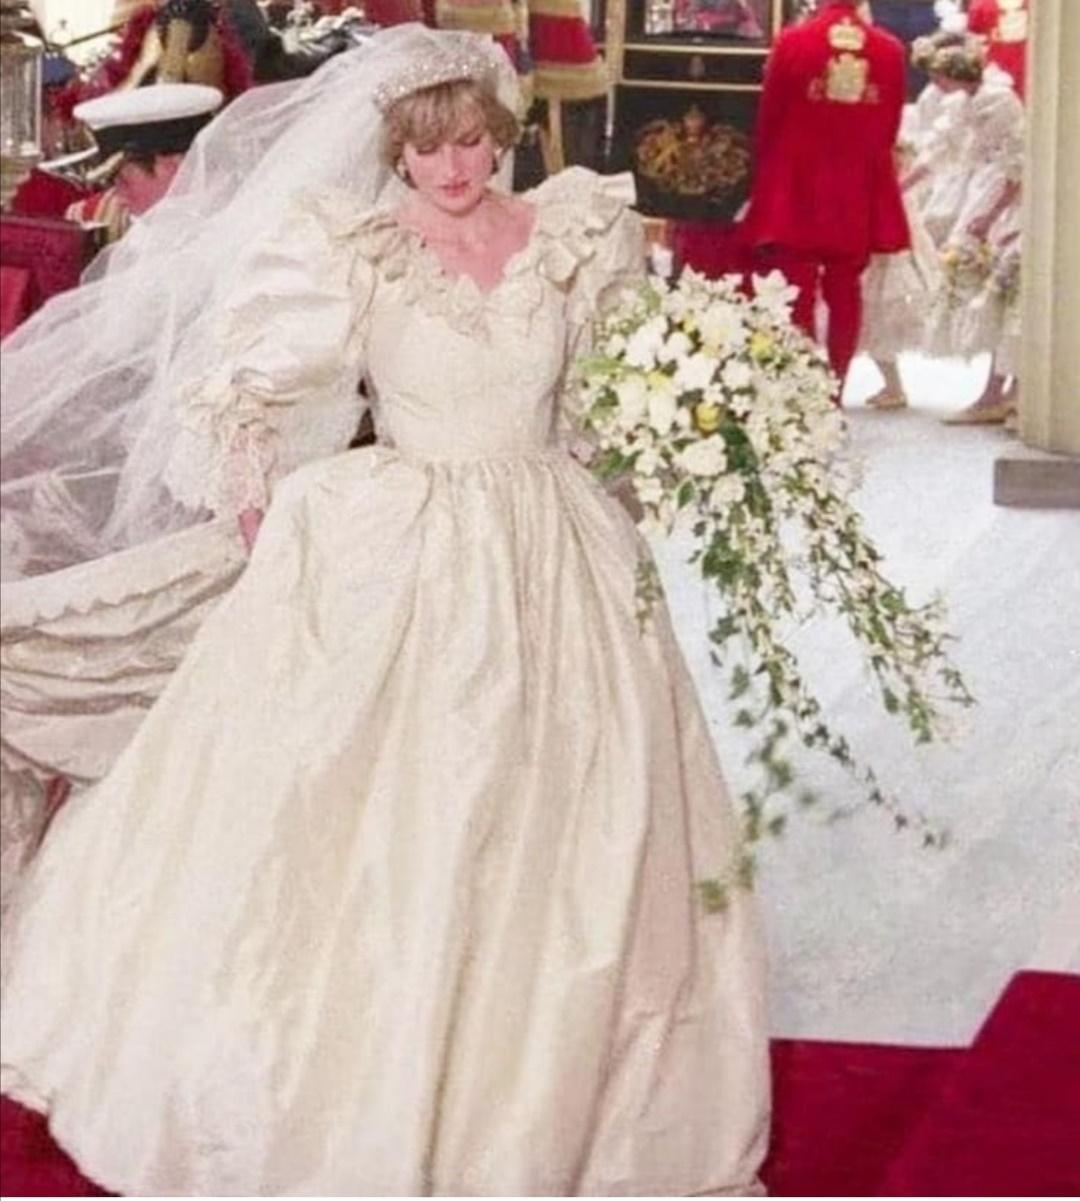 يتميز الفستان بأكمامه المنتفخة وأقواسه وفتحاته من الدانتيل- الصورة من إنستغرام